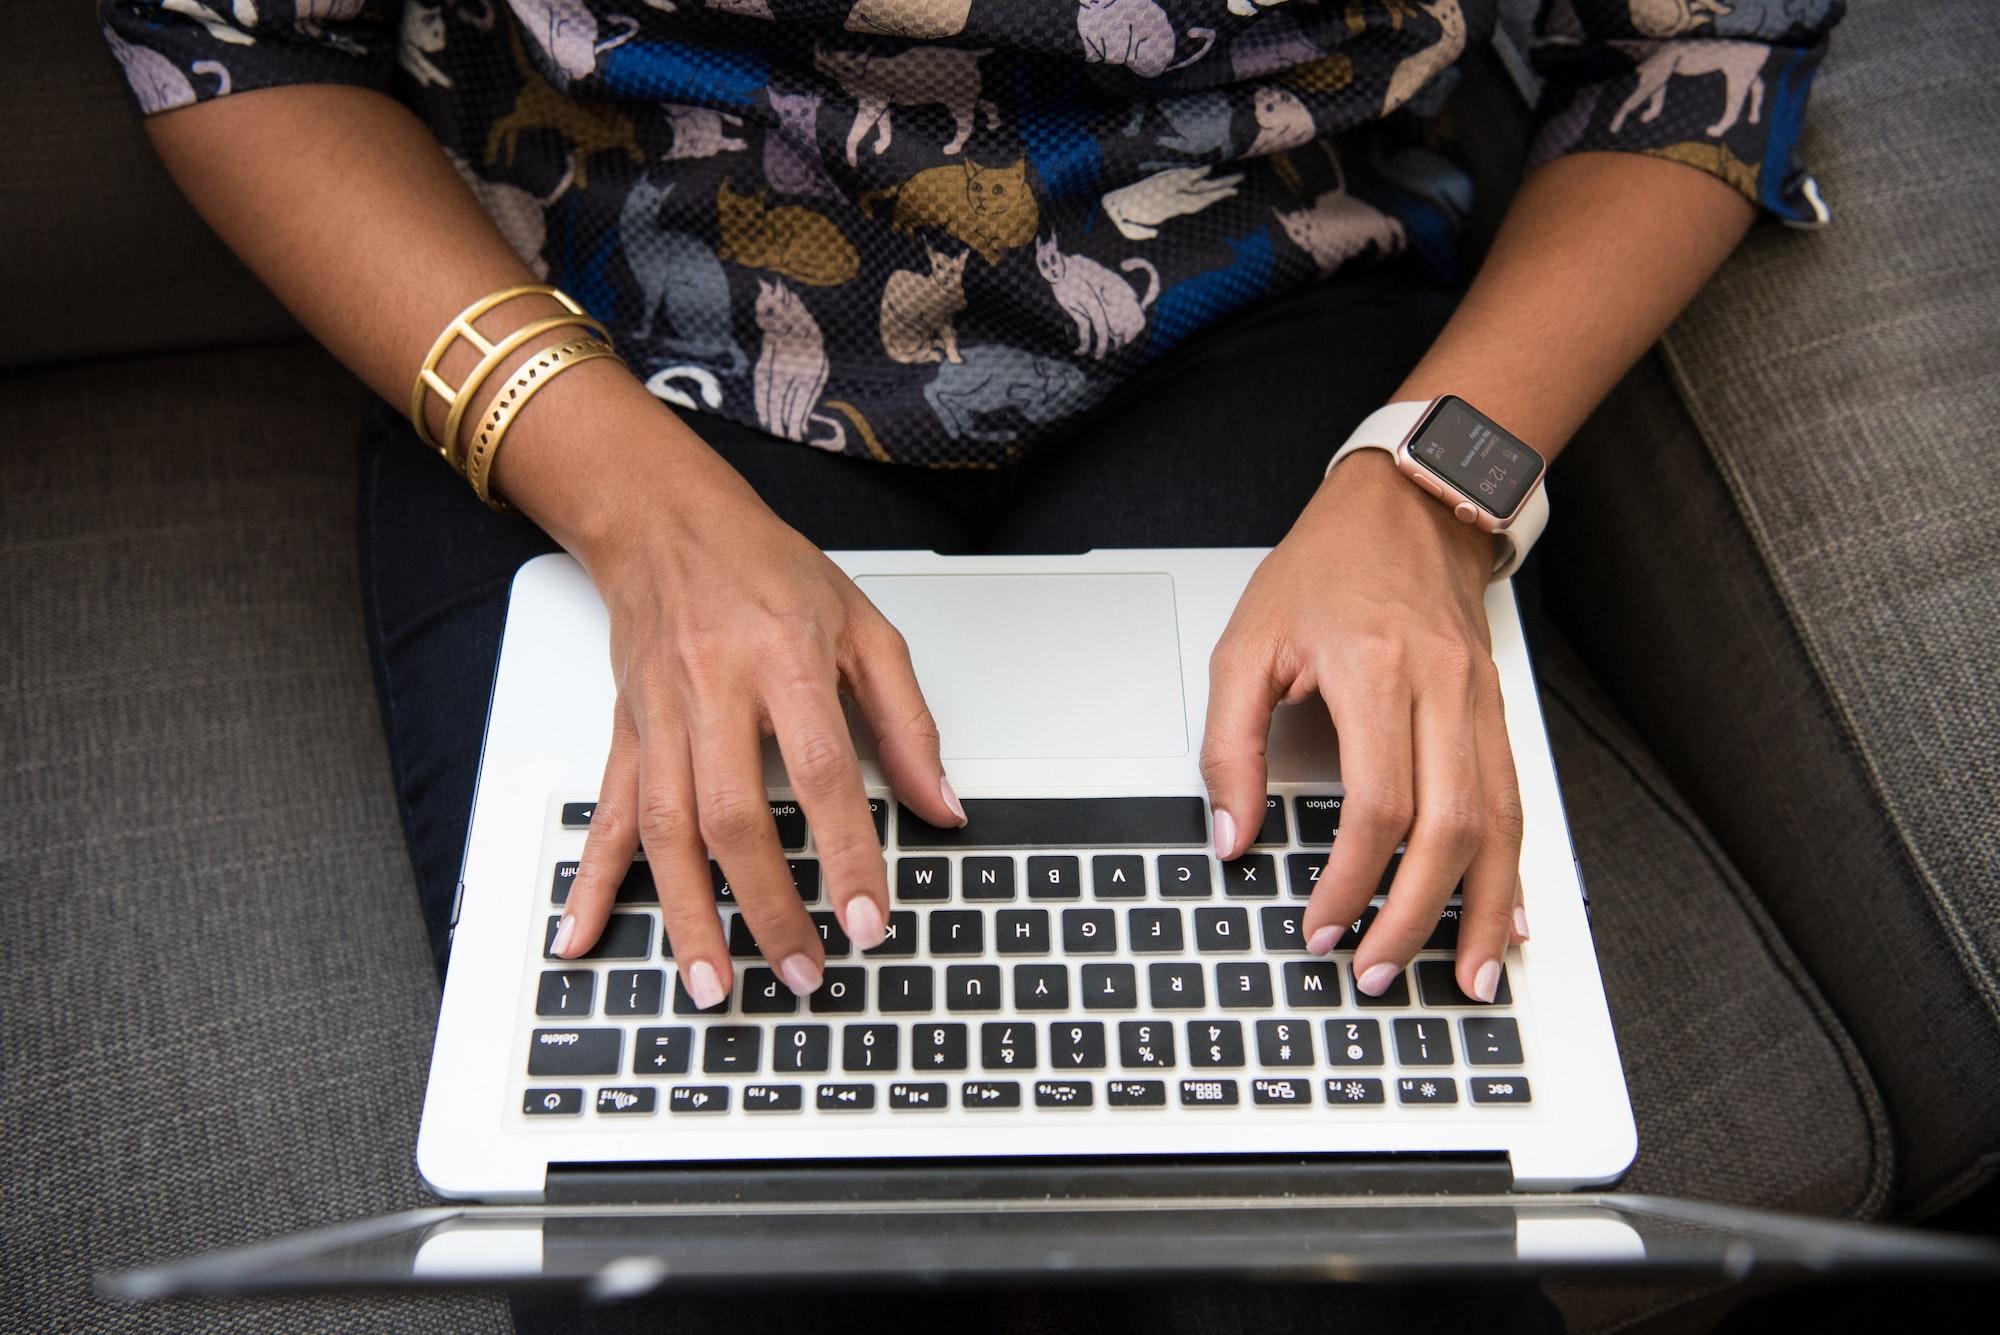 Demissões e sobrecarga: pandemia faz mulheres retrocederem na carreira